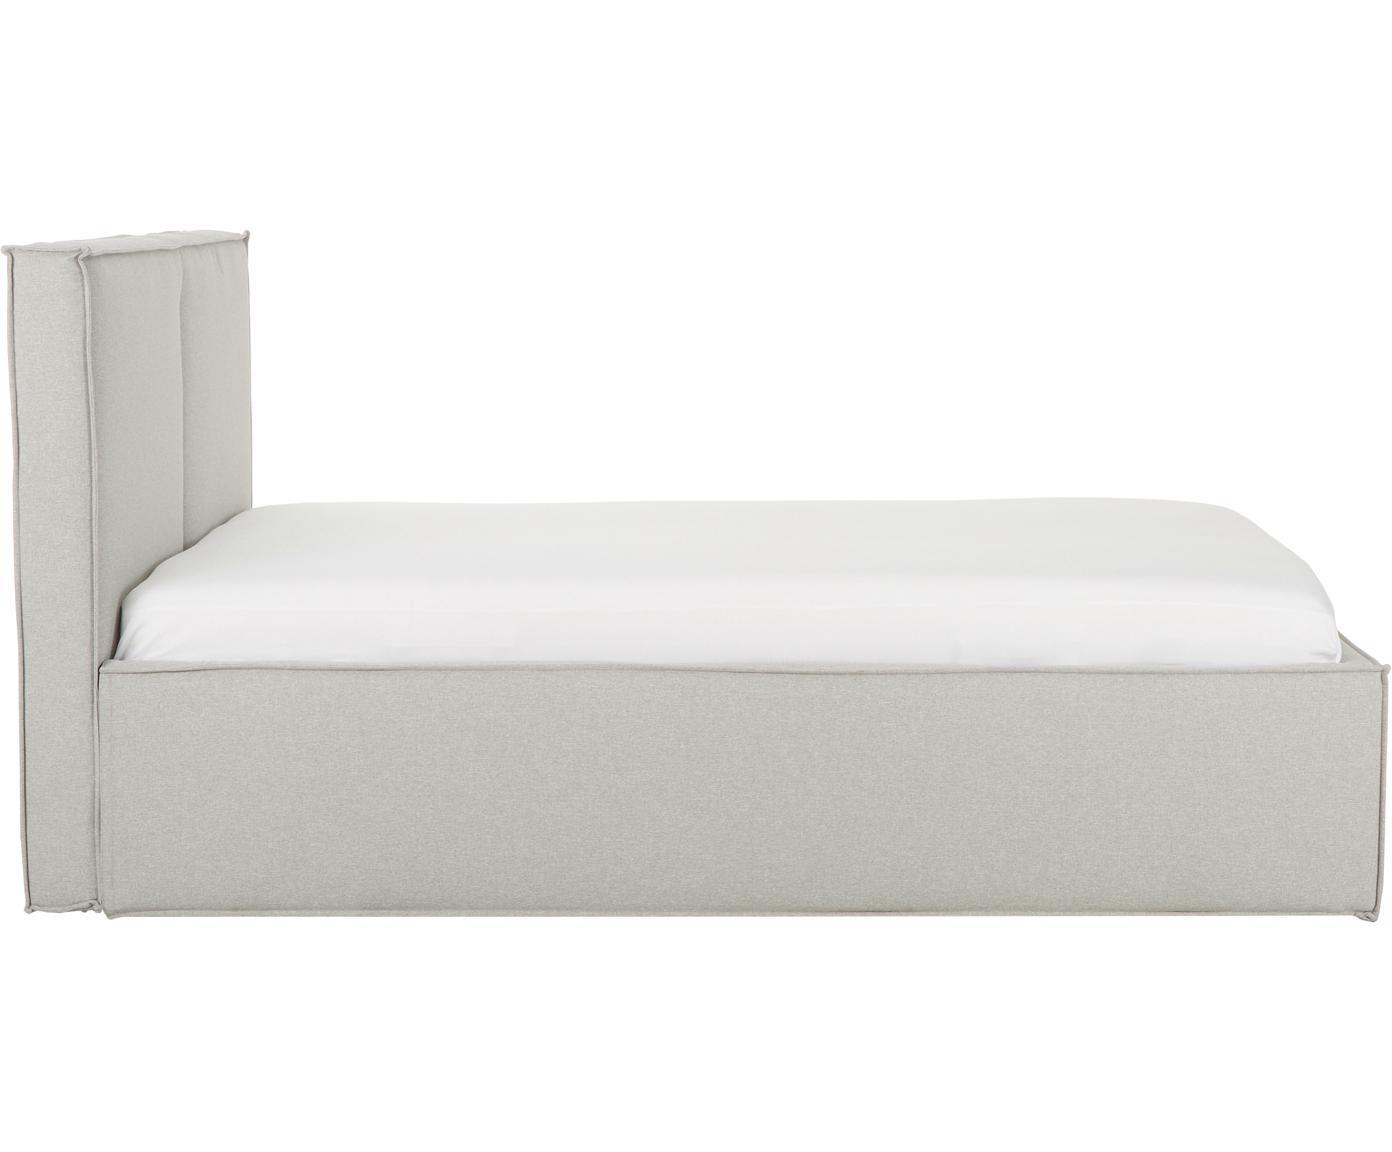 Letto imbottito con contenitore Dream, Rivestimento: Poliestere (tessuto strut, Malva, 180 x 200 cm